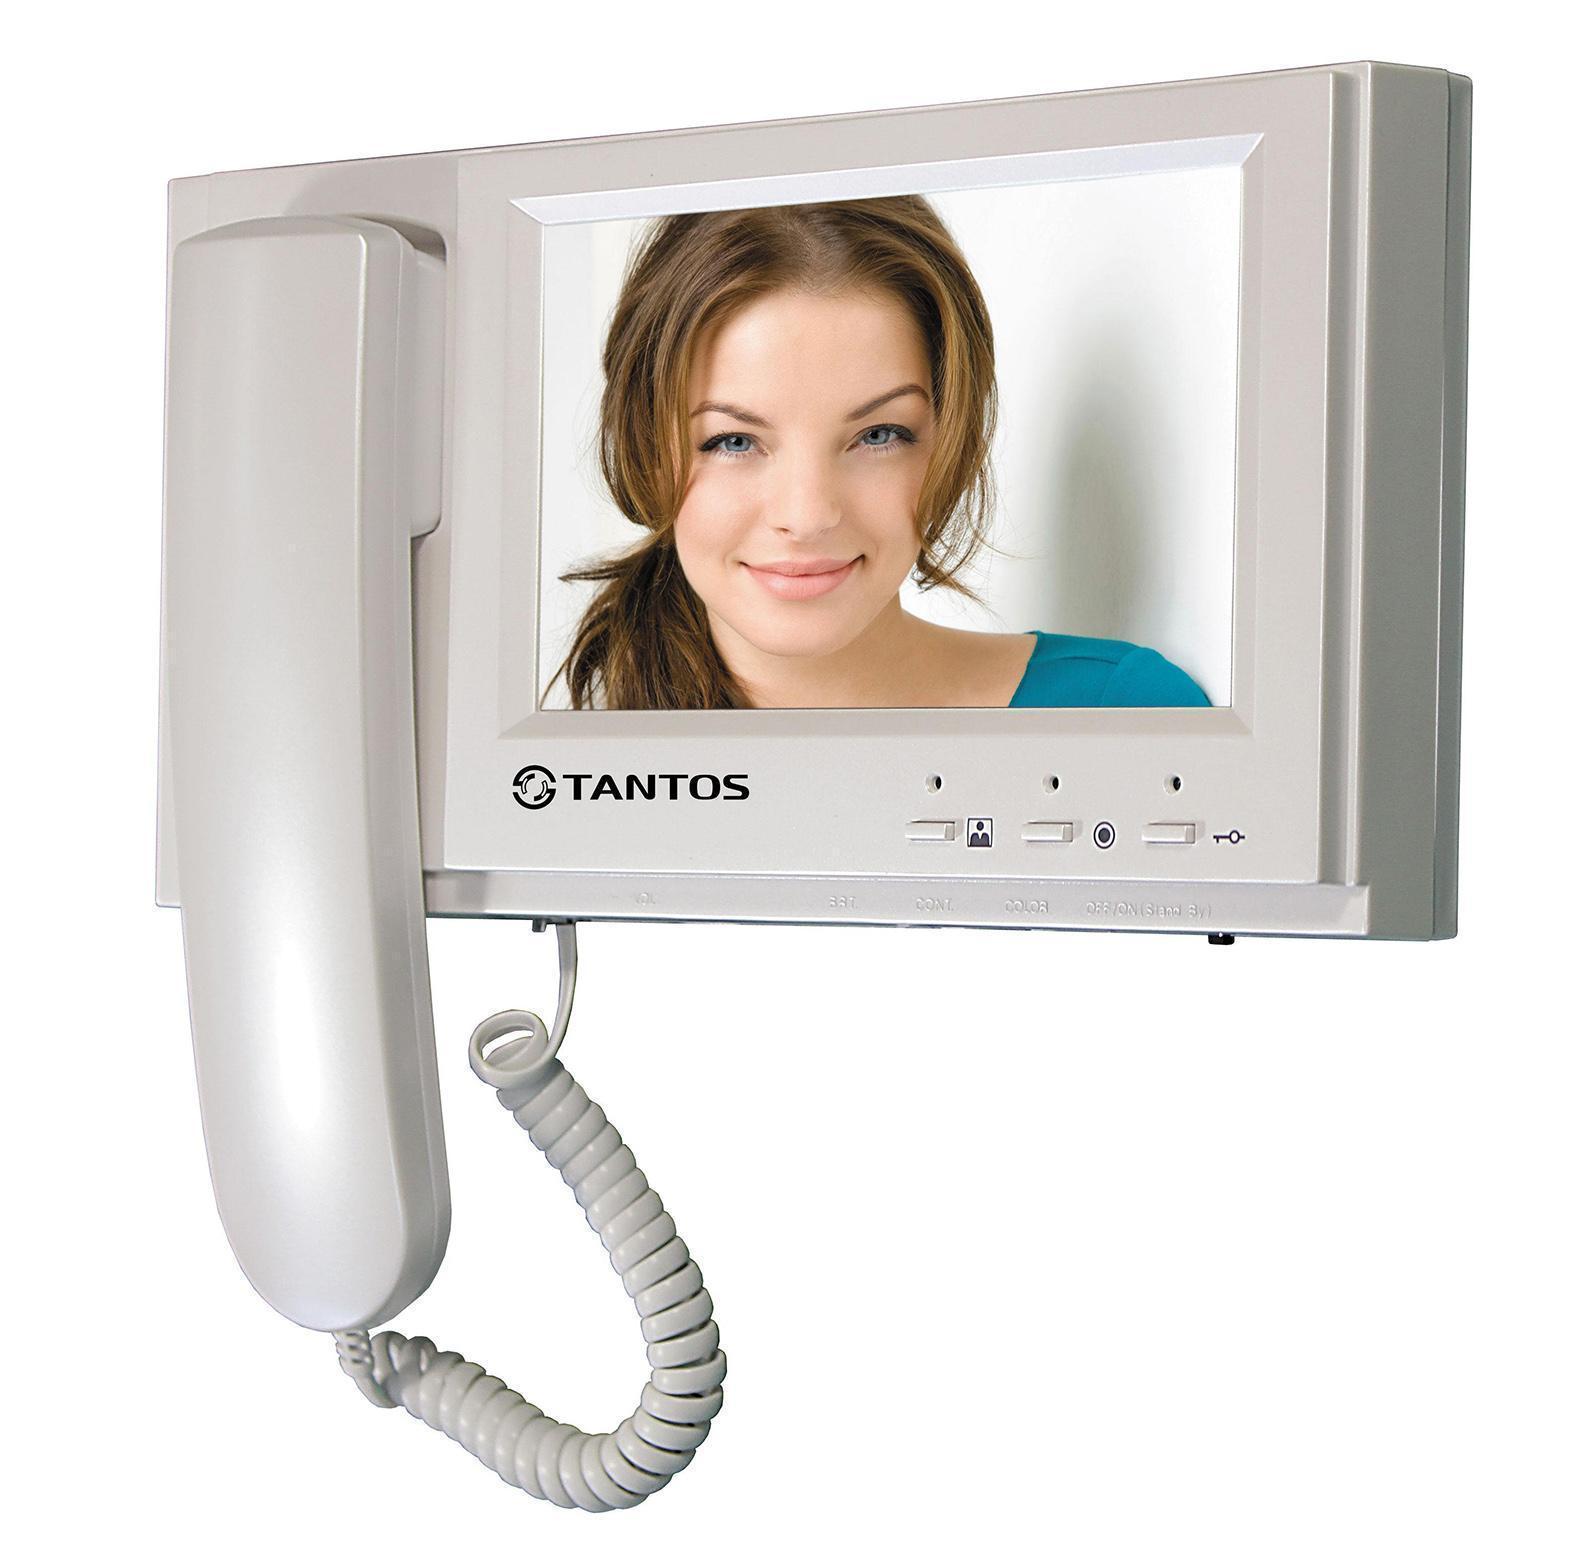 Tantos Loki - SD, White монитор домофона00-00016179Классический вариант монитора 7 дюймов с трубкой и записью кадров на SD карту. Ничего лишнего, идеальный вариант для офиса или квартиры с пожилыми людьми. Видеодомофон позволяет осуществлять внутреннюю видеосвязь между абонентами жилого помещения. Предназначен для возможности дистанционного наблюдения пространства перед входной дверью и организации двухсторонней аудио связи с посетителем. К монитору подключаются все самые распространенные вызывные панели отечественных и зарубежных производителей. Соединение с панелями 4-х проводное. Так же возможно подключение дополнительного оборудования: видеокамеры, вызывные панели или мониторы. Это поможет Вам с максимальной эффективностью построить современную систему видеонаблюдения на базе видеодомофона Loki - SD. Вся информация записывается на съемную карту памяти стандарта SD емкостью до 32 Гб.